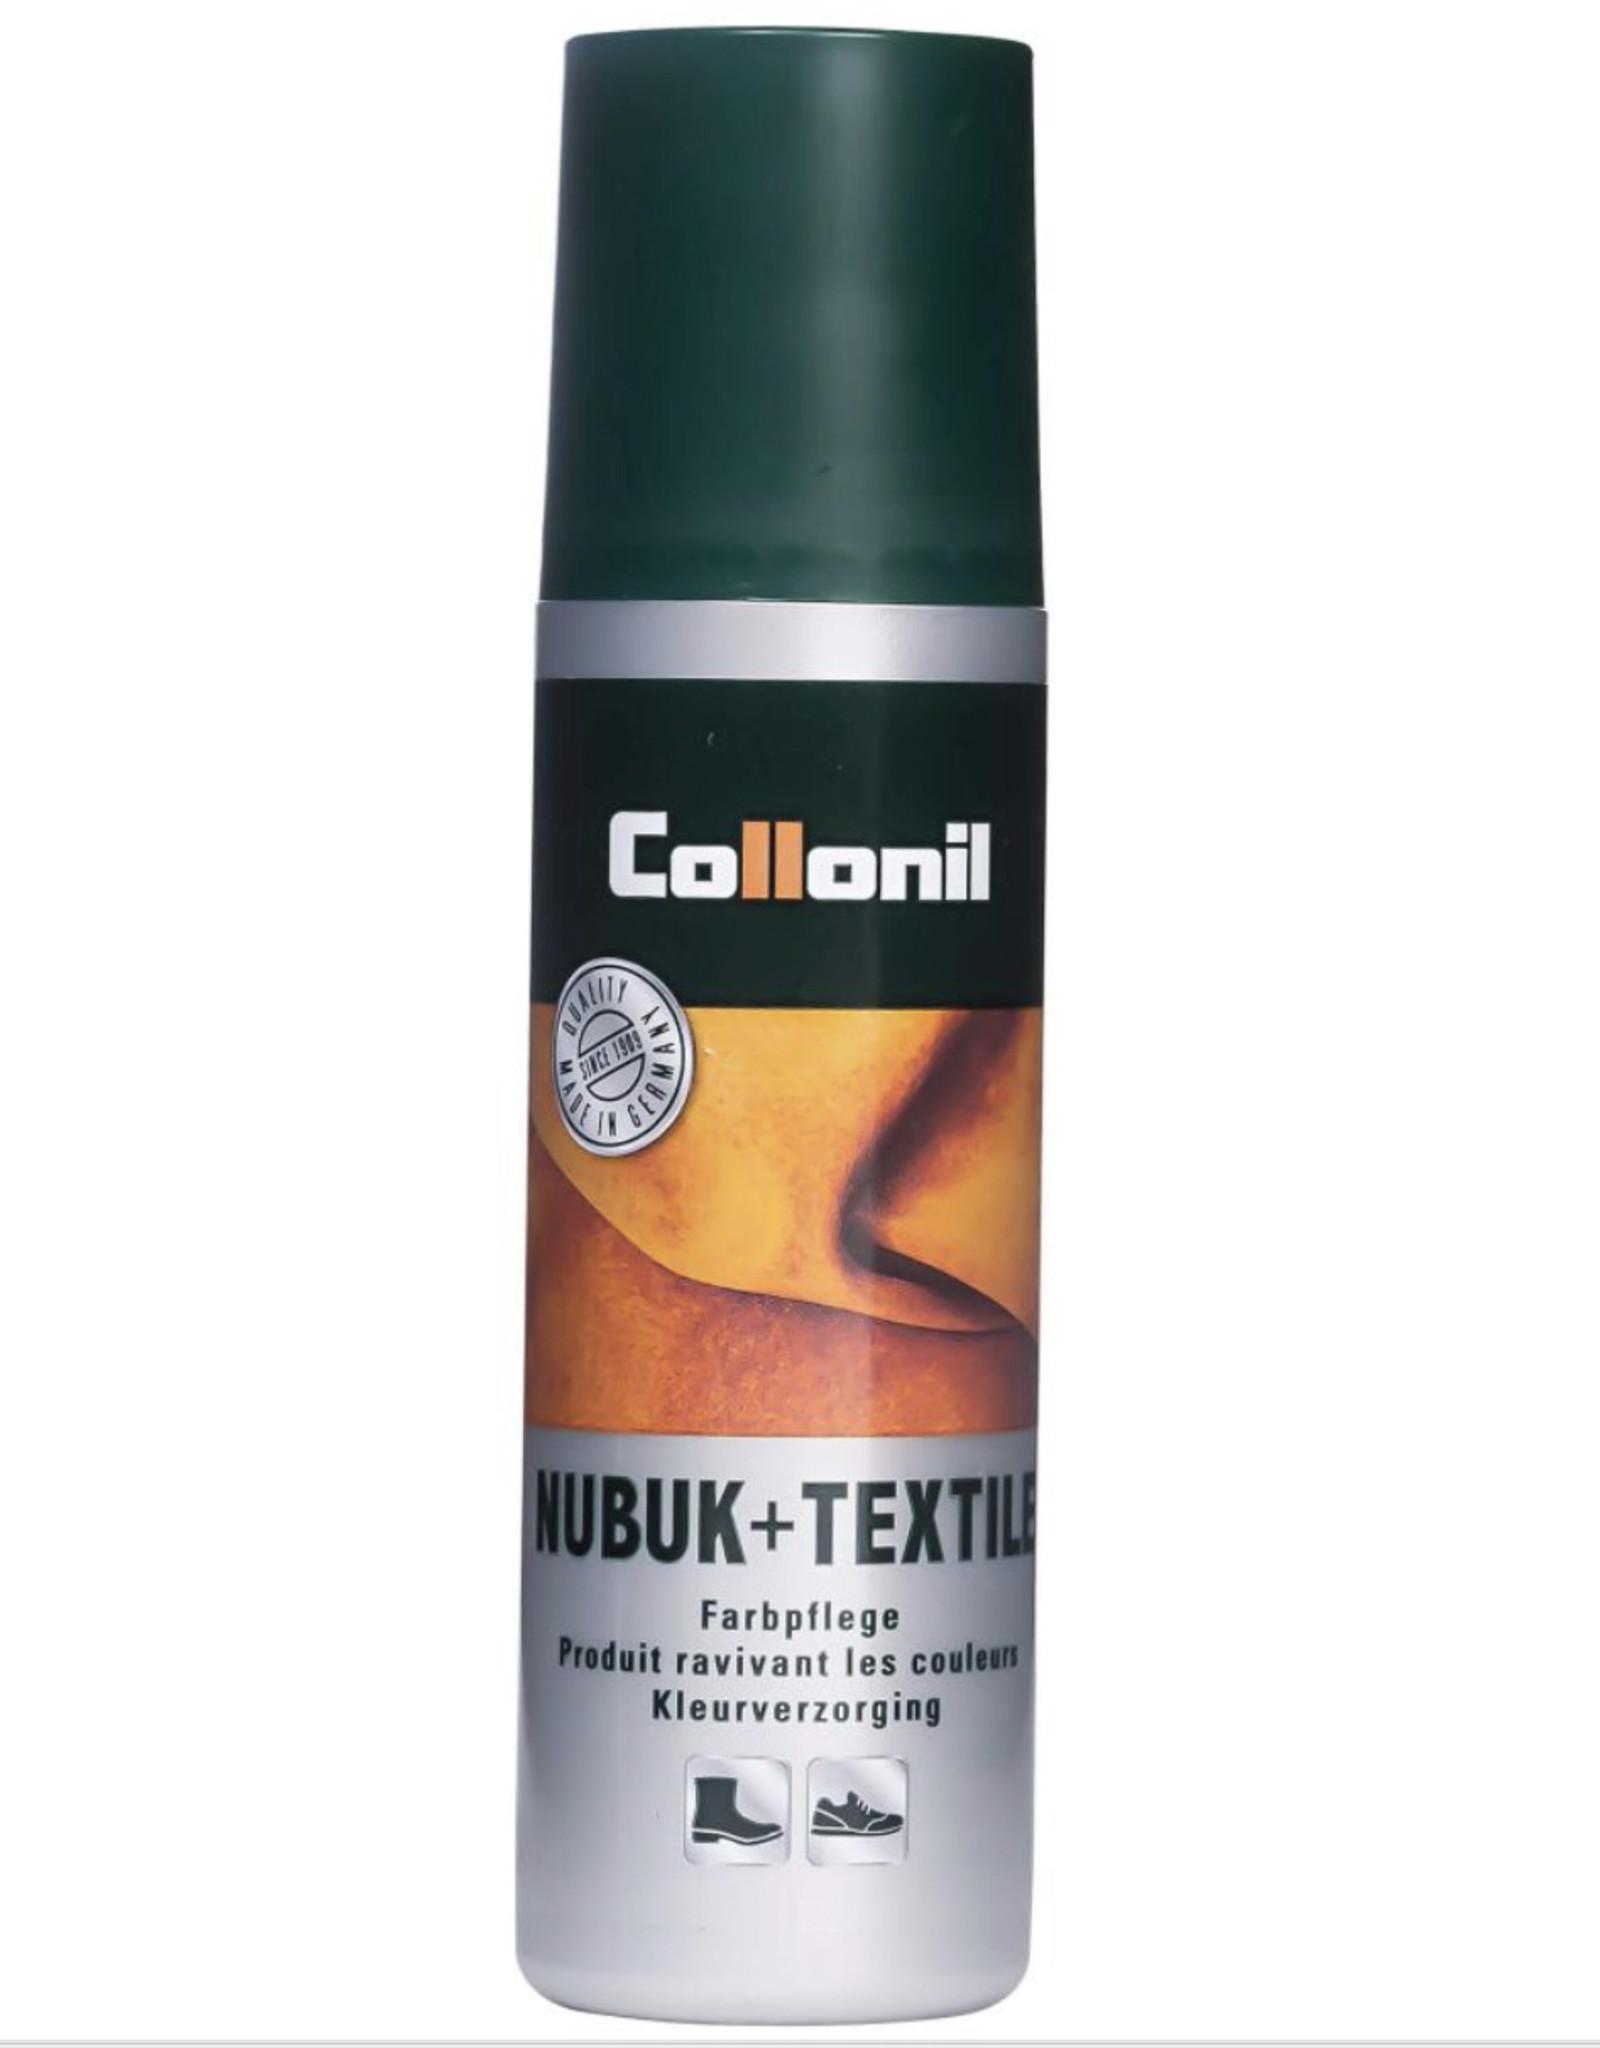 Collonil Nubuk + textile